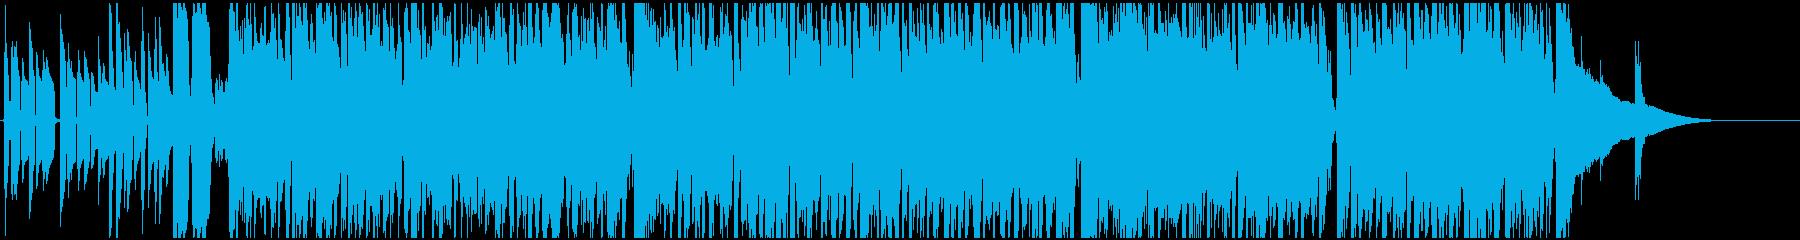 穏やかで遊び心あるアコースティック曲の再生済みの波形